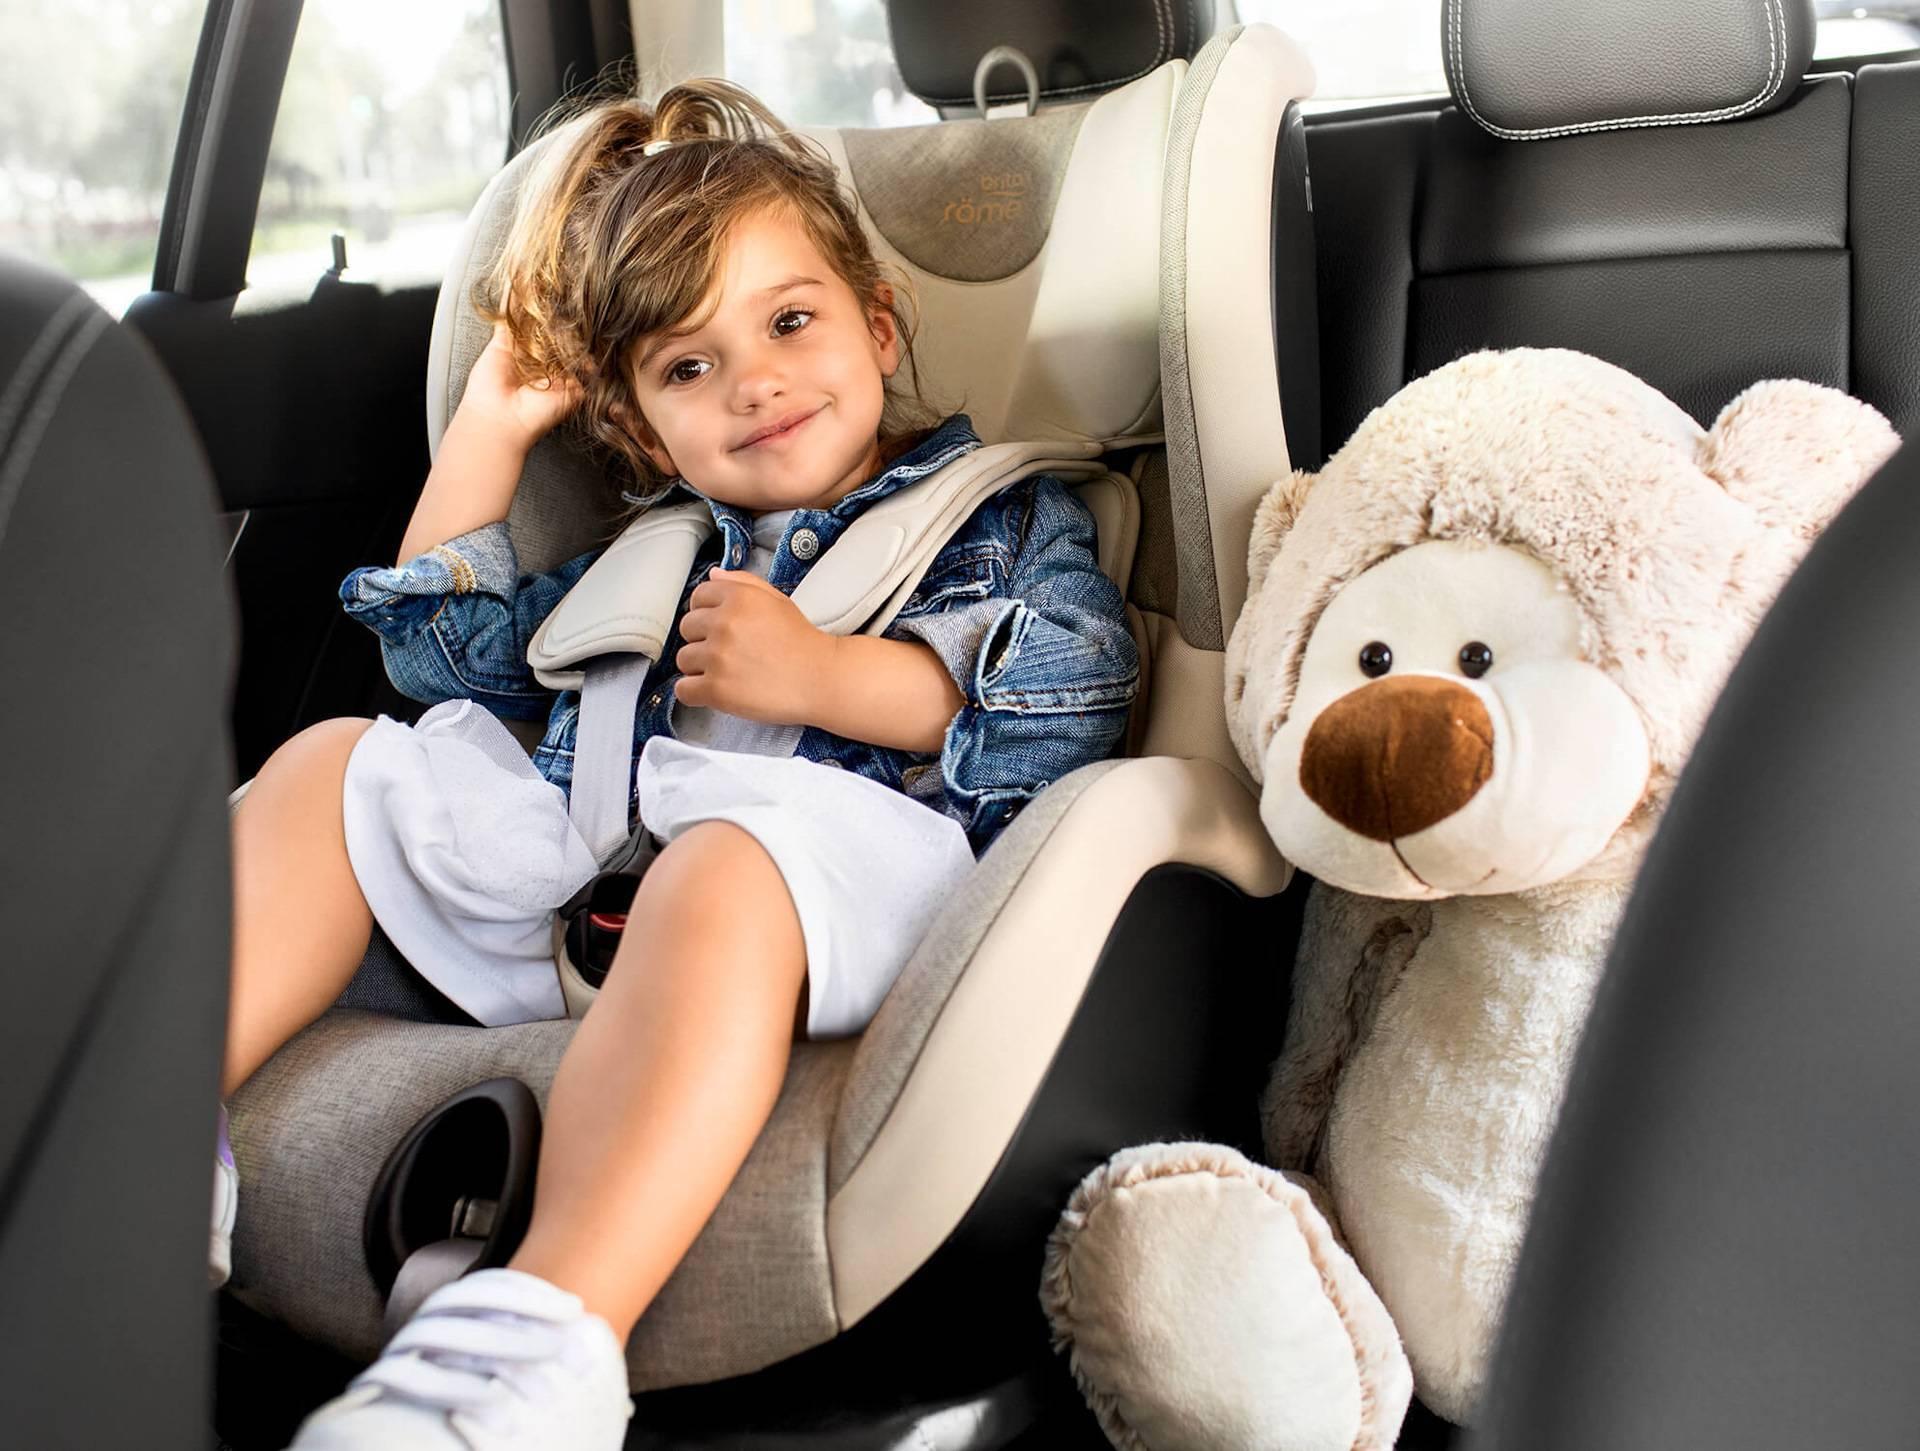 Рейтинг колясок 2 в 1: топ лучших детских моделей 2019 года и как выбрать